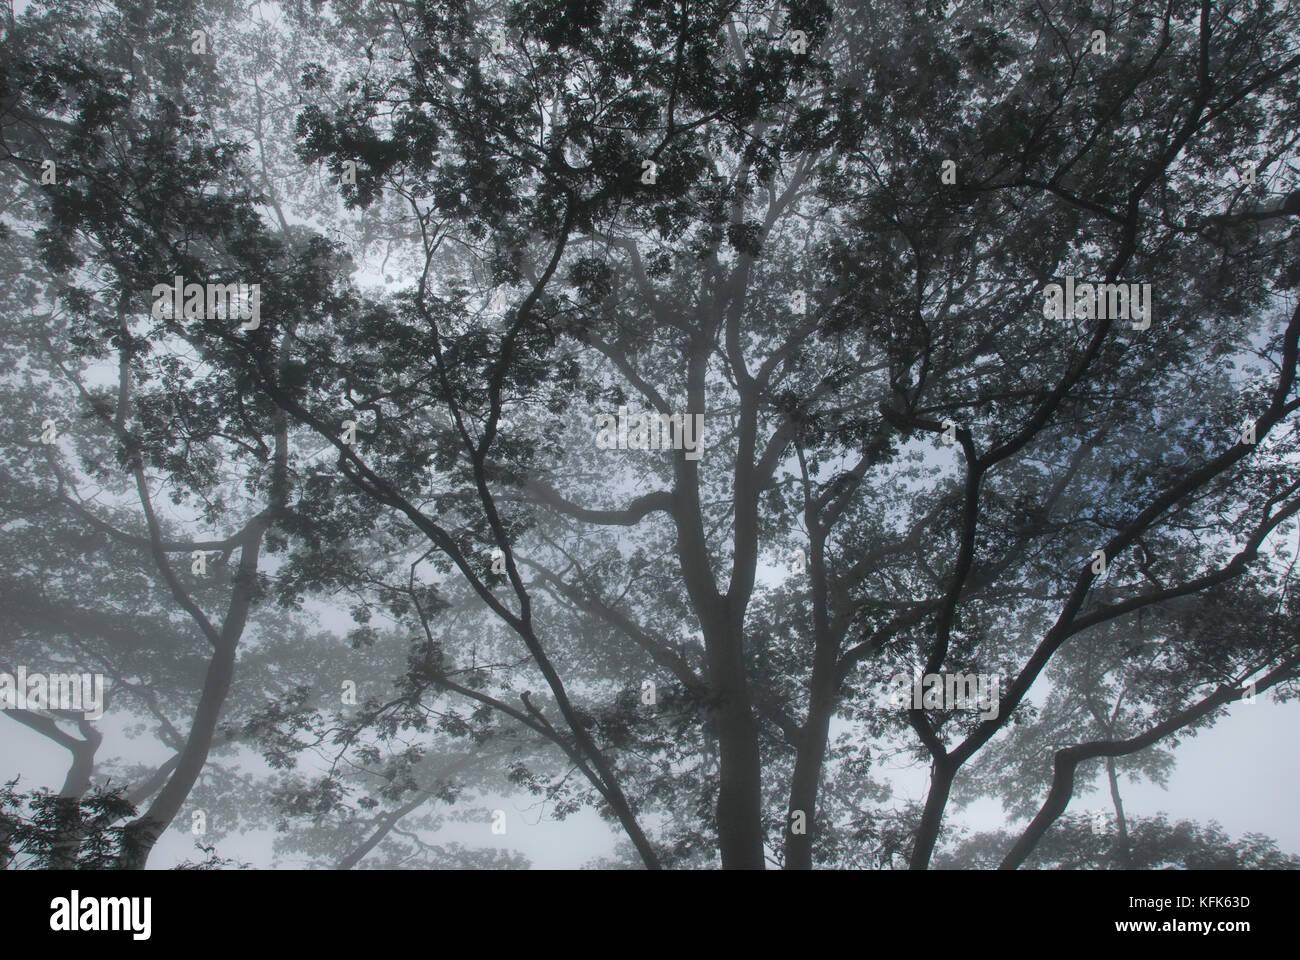 Rainforest, in the mountains southwest of Dili, Timor-Leste (East Timor) Stock Photo